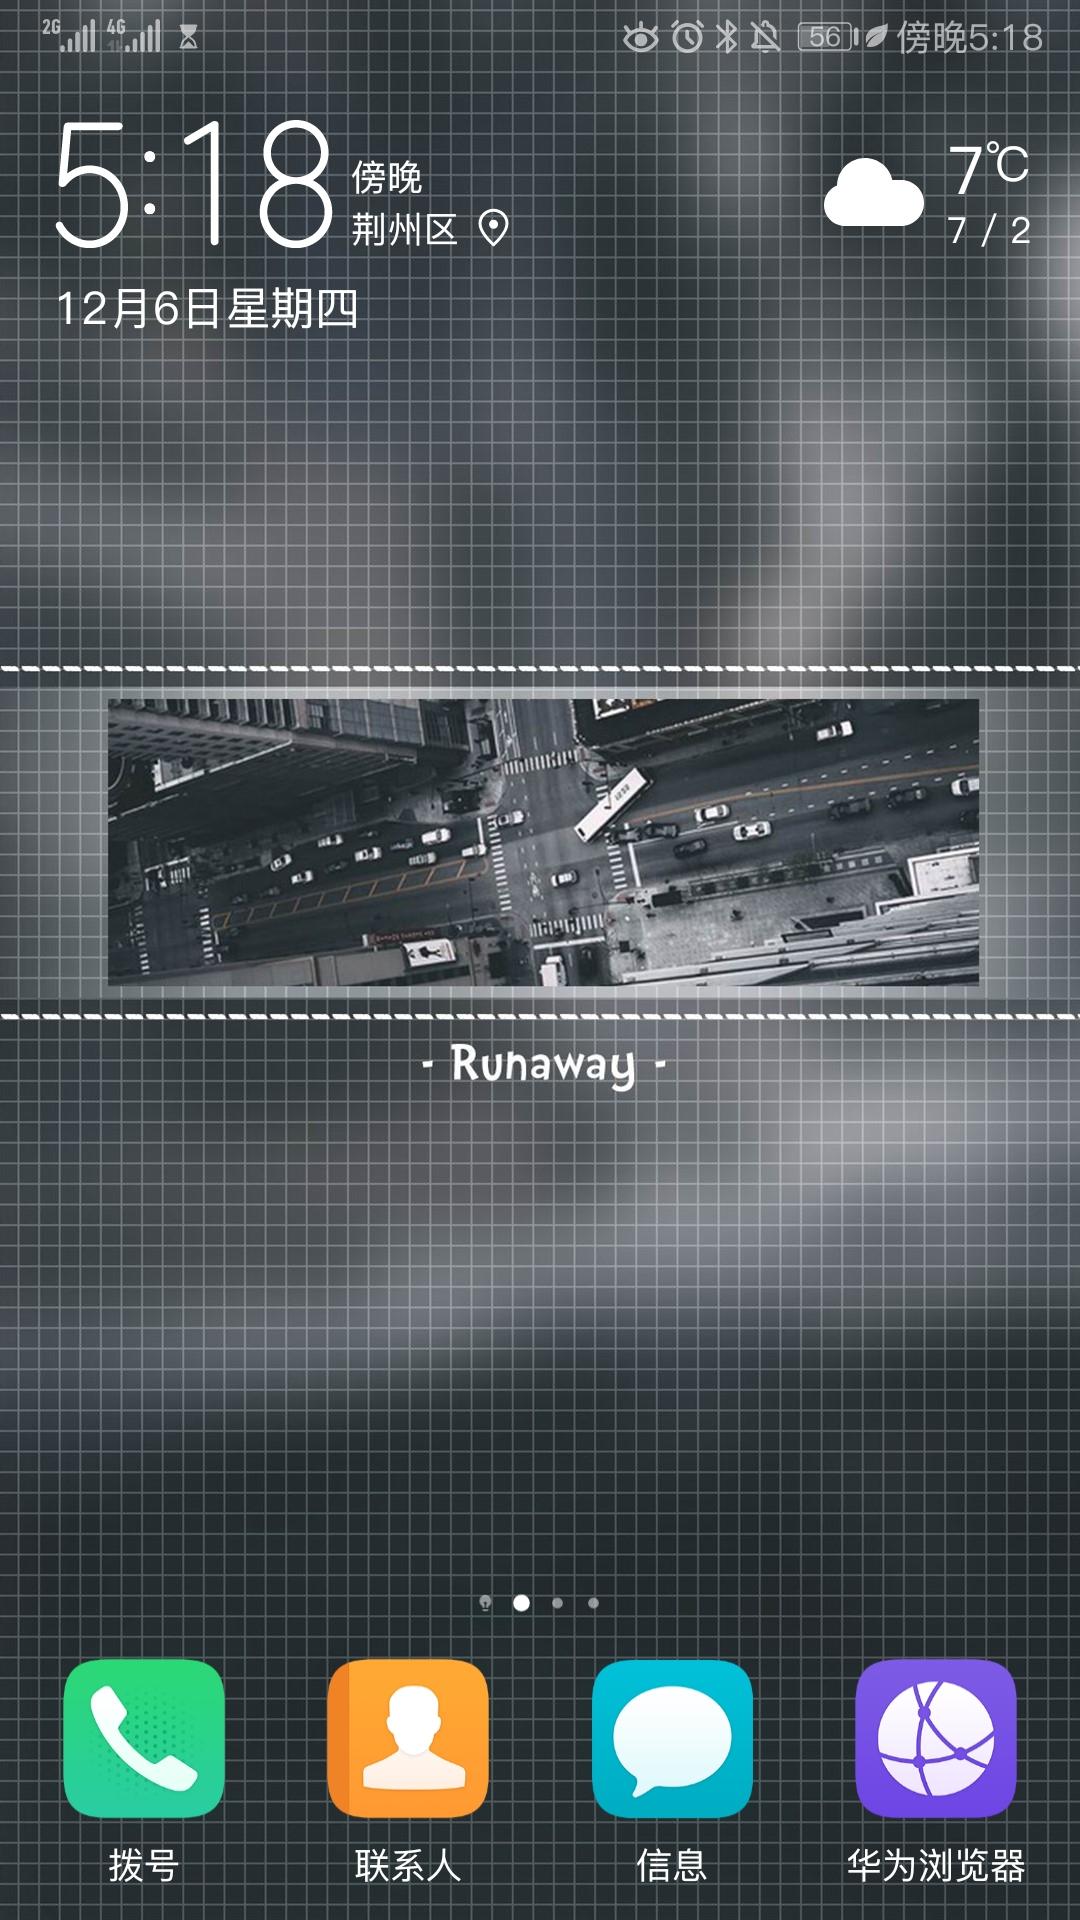 Screenshot_20181206_171834_com.huawei.android.launcher.jpg